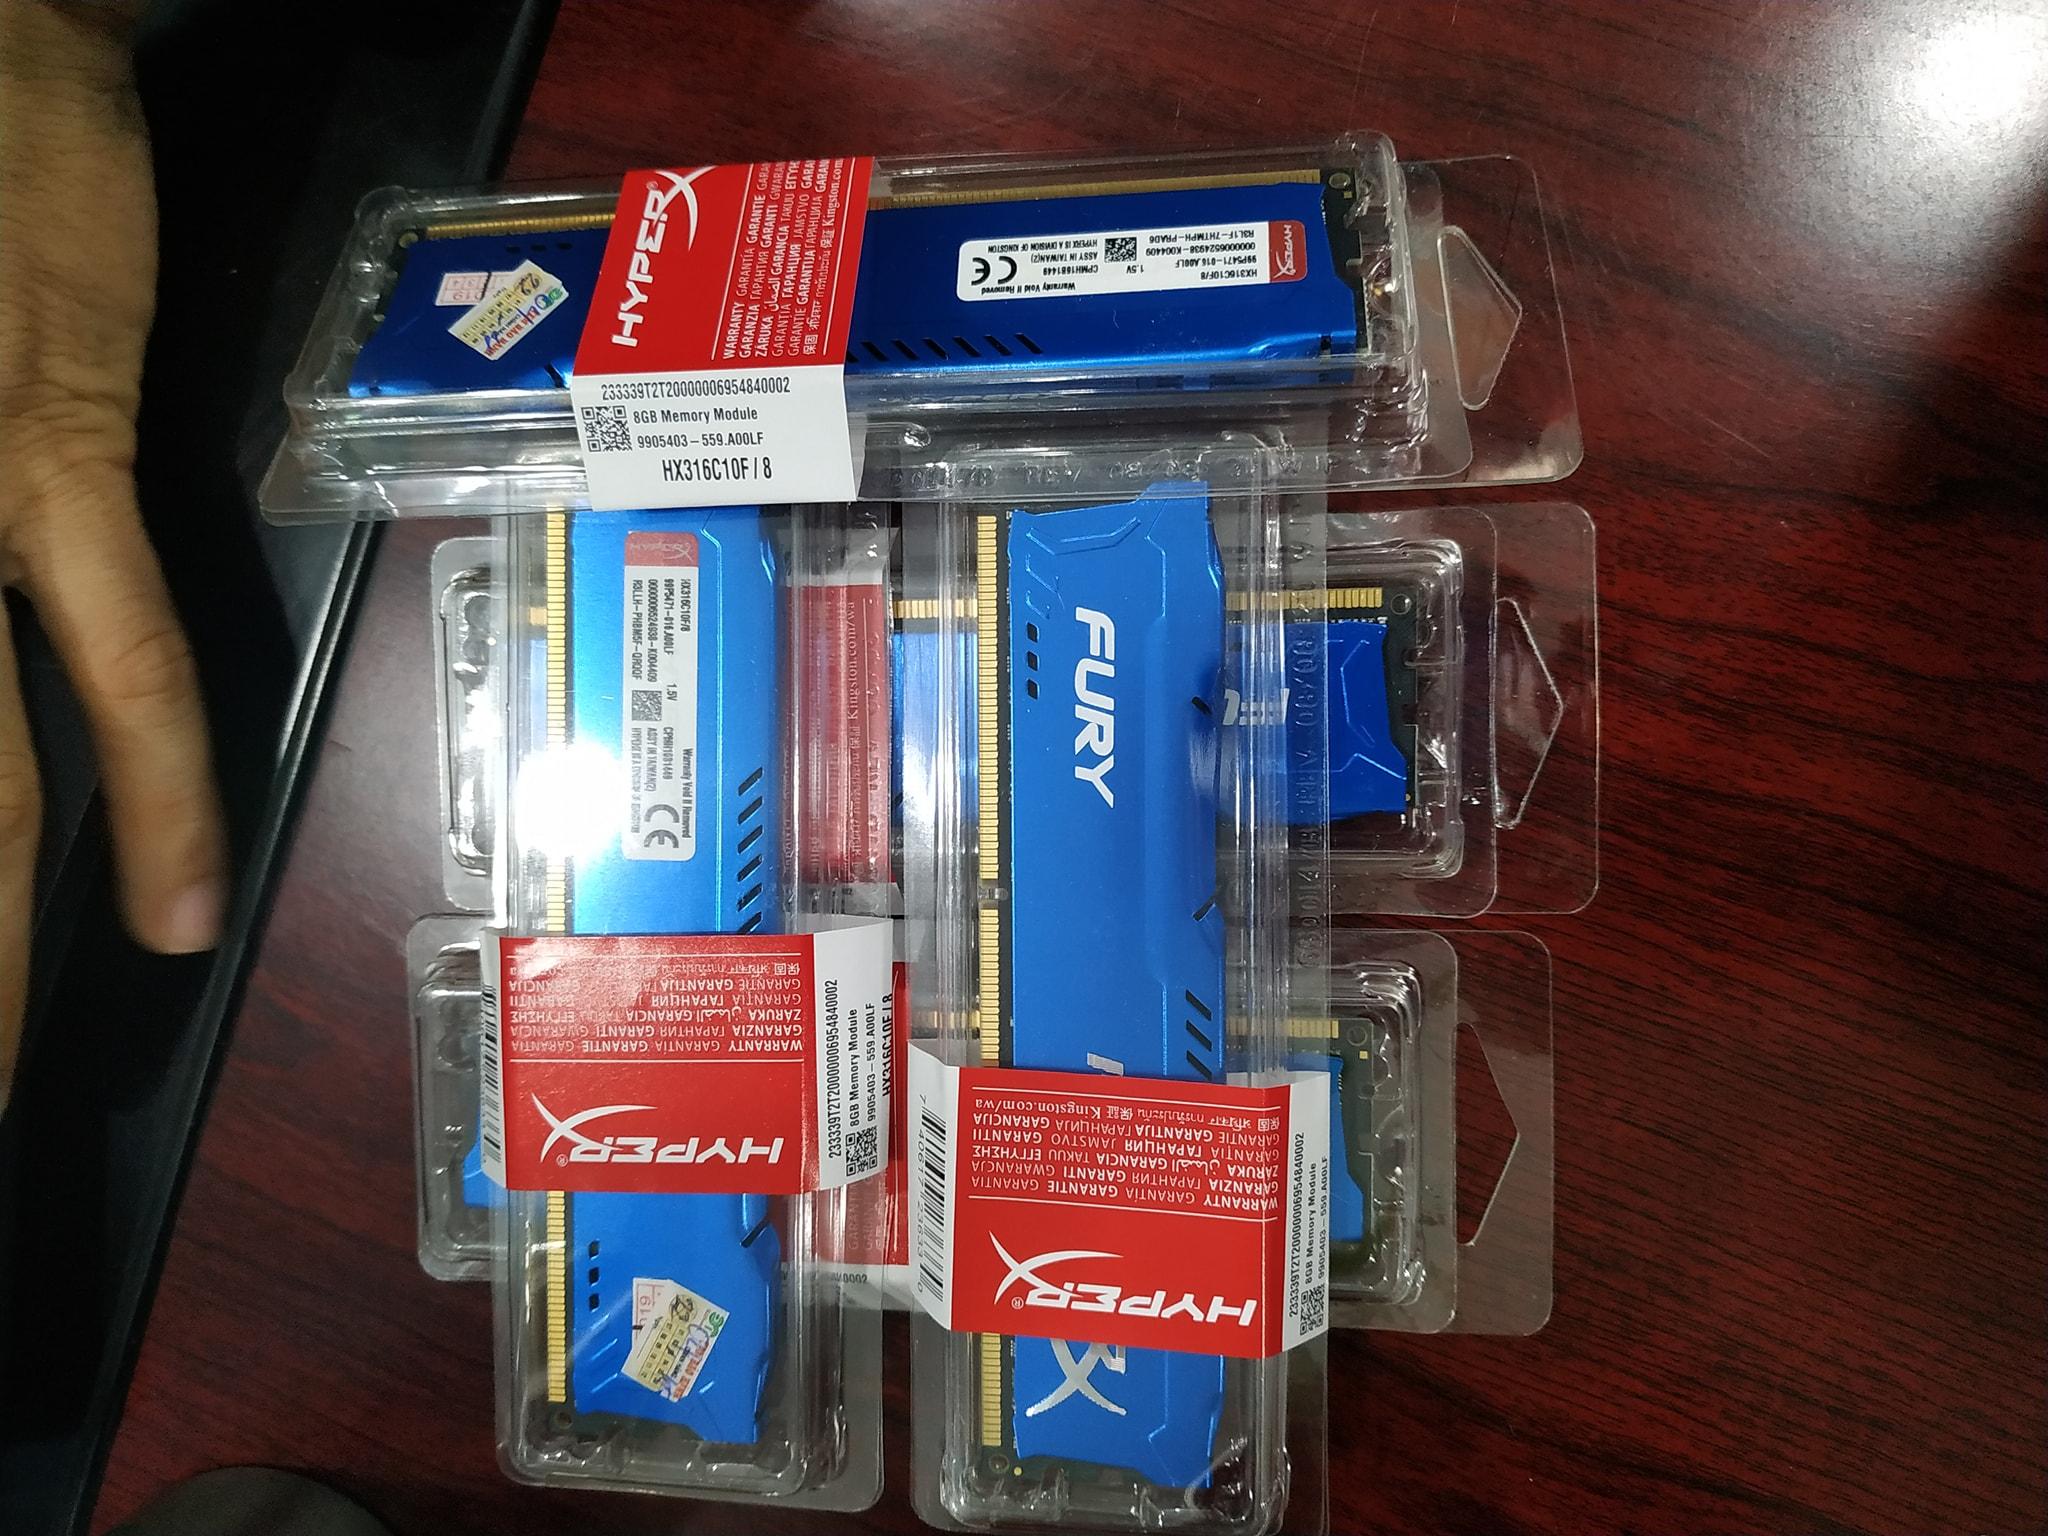 RAM Kingston HyperX Fury 8GB (1x8GB) DDR3 Bus 1600Mhz - Blue